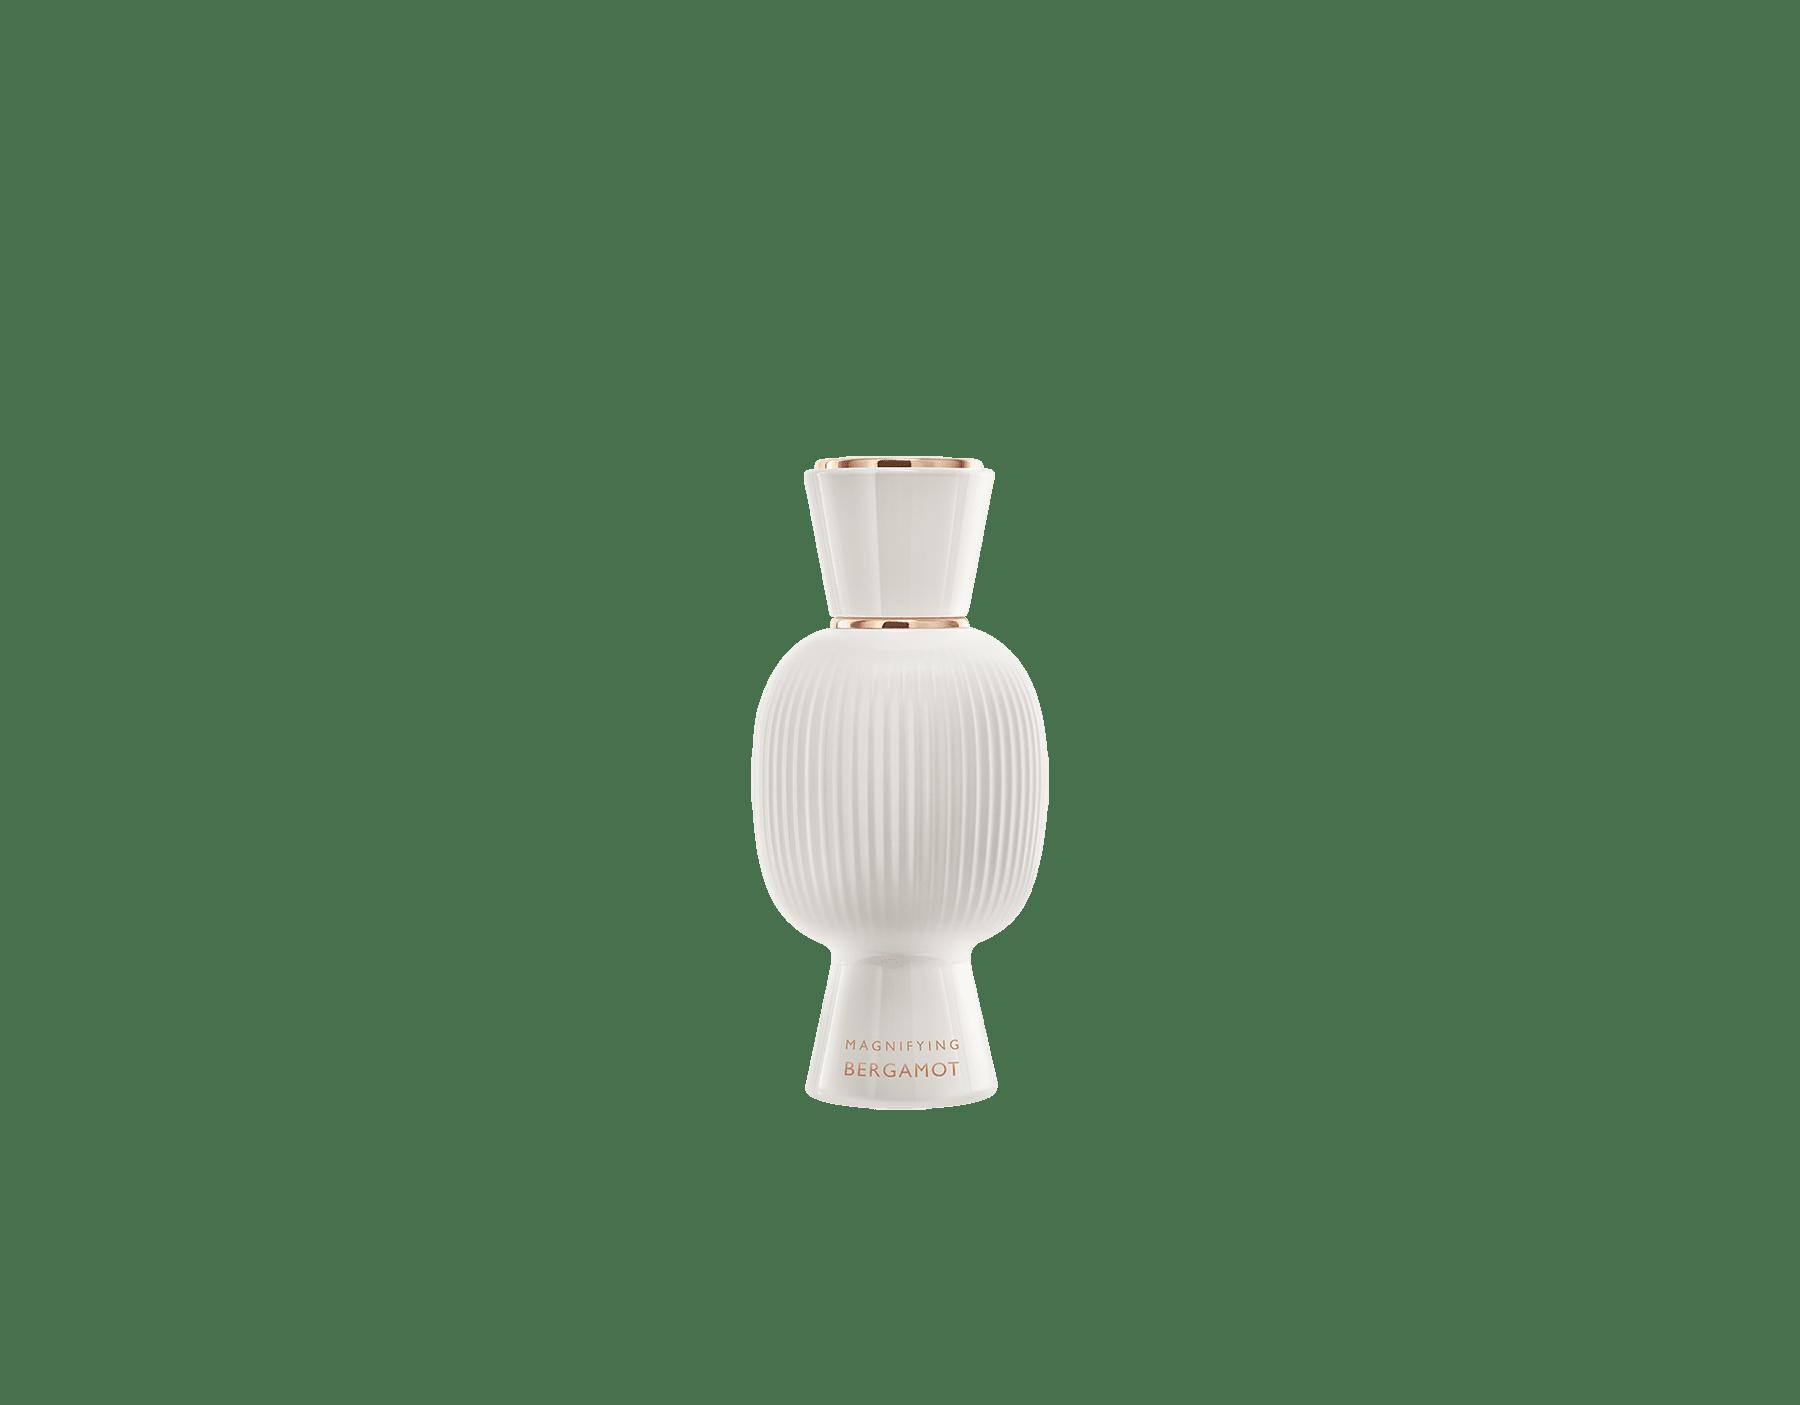 Эксклюзивный парфюмерный набор, вам под стать – такой же смелый и уникальный. В сочетании пудровых цветочных нот парфюмерной воды Dolce Estasi Allegra и бодрящей свежести эссенции Magnifying Bergamot рождается неотразимый женский аромат с индивидуальным характером. Perfume-Set-Dolce-Estasi-Eau-de-Parfum-and-Bergamot-Magnifying image 3